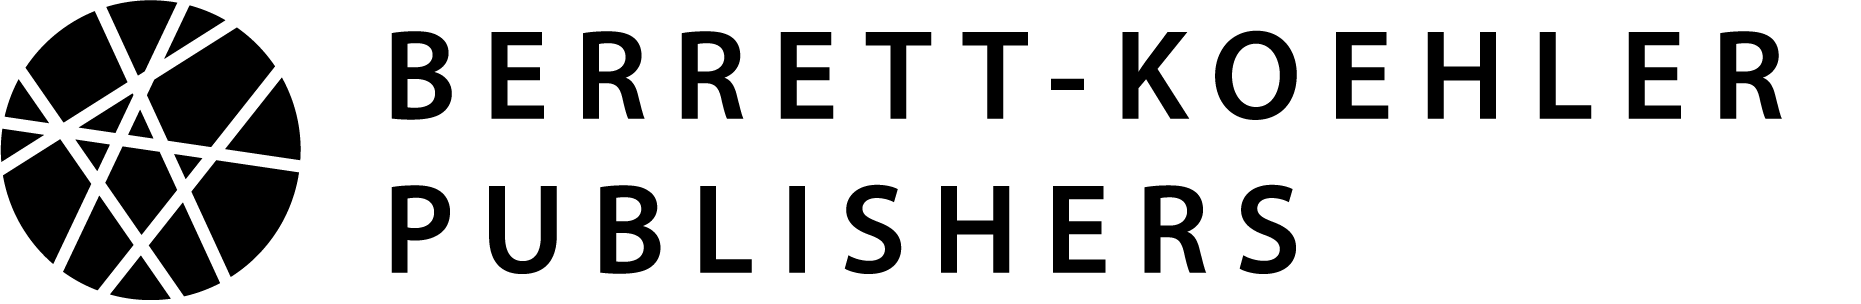 BK-horizontal-logo_LG.png